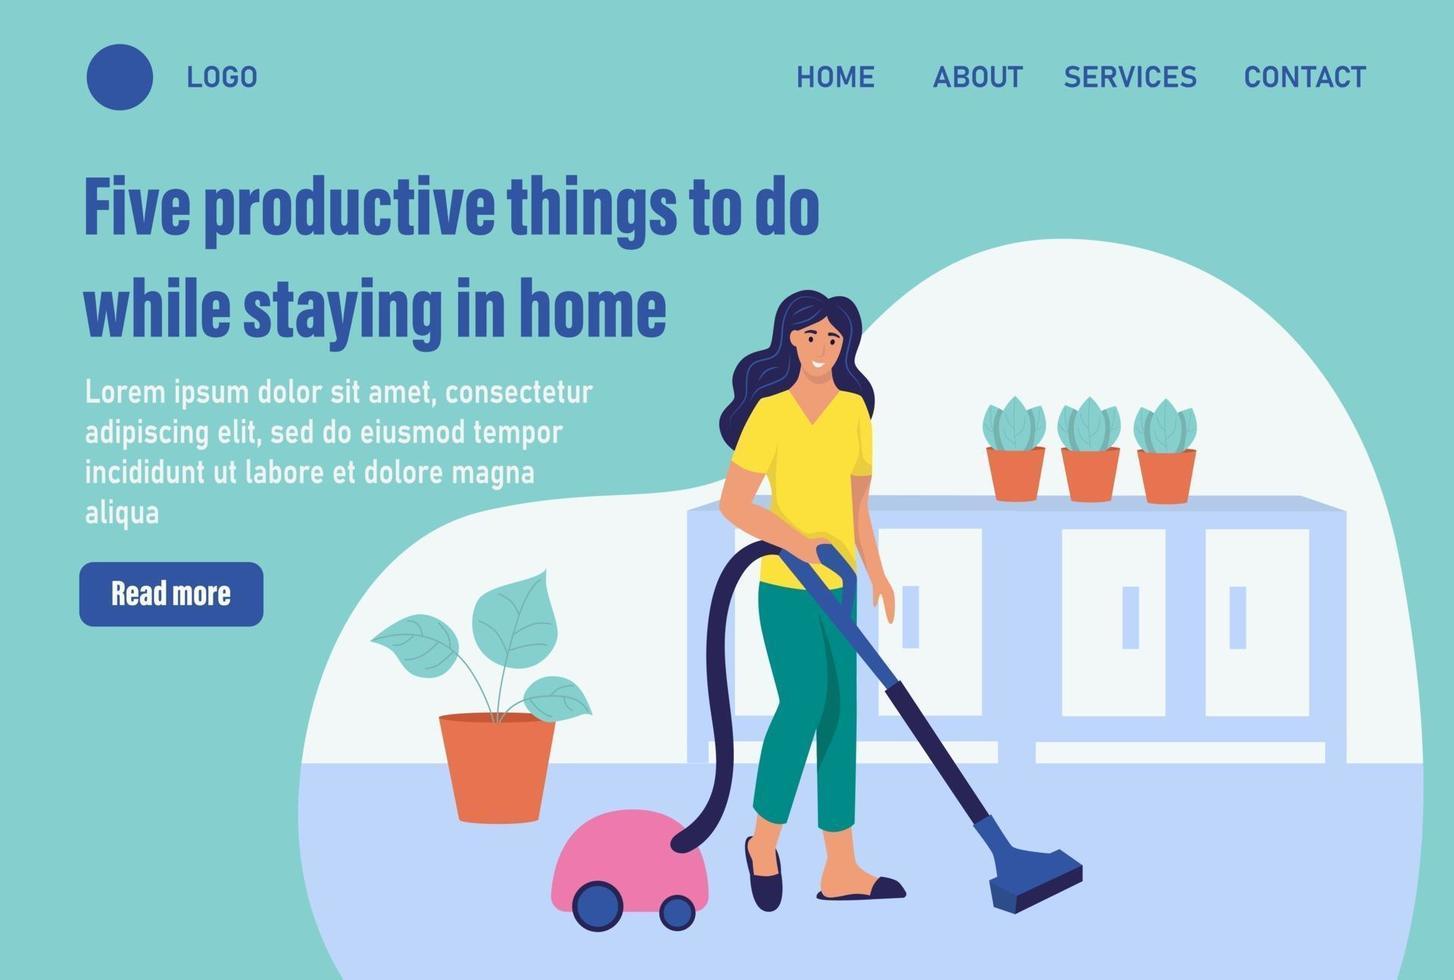 cinco coisas produtivas para fazer enquanto estiver em casa. modelo de página da web de destino da página inicial do site. uma jovem aspira. o conceito de vida diária. ilustração em vetor plana dos desenhos animados.